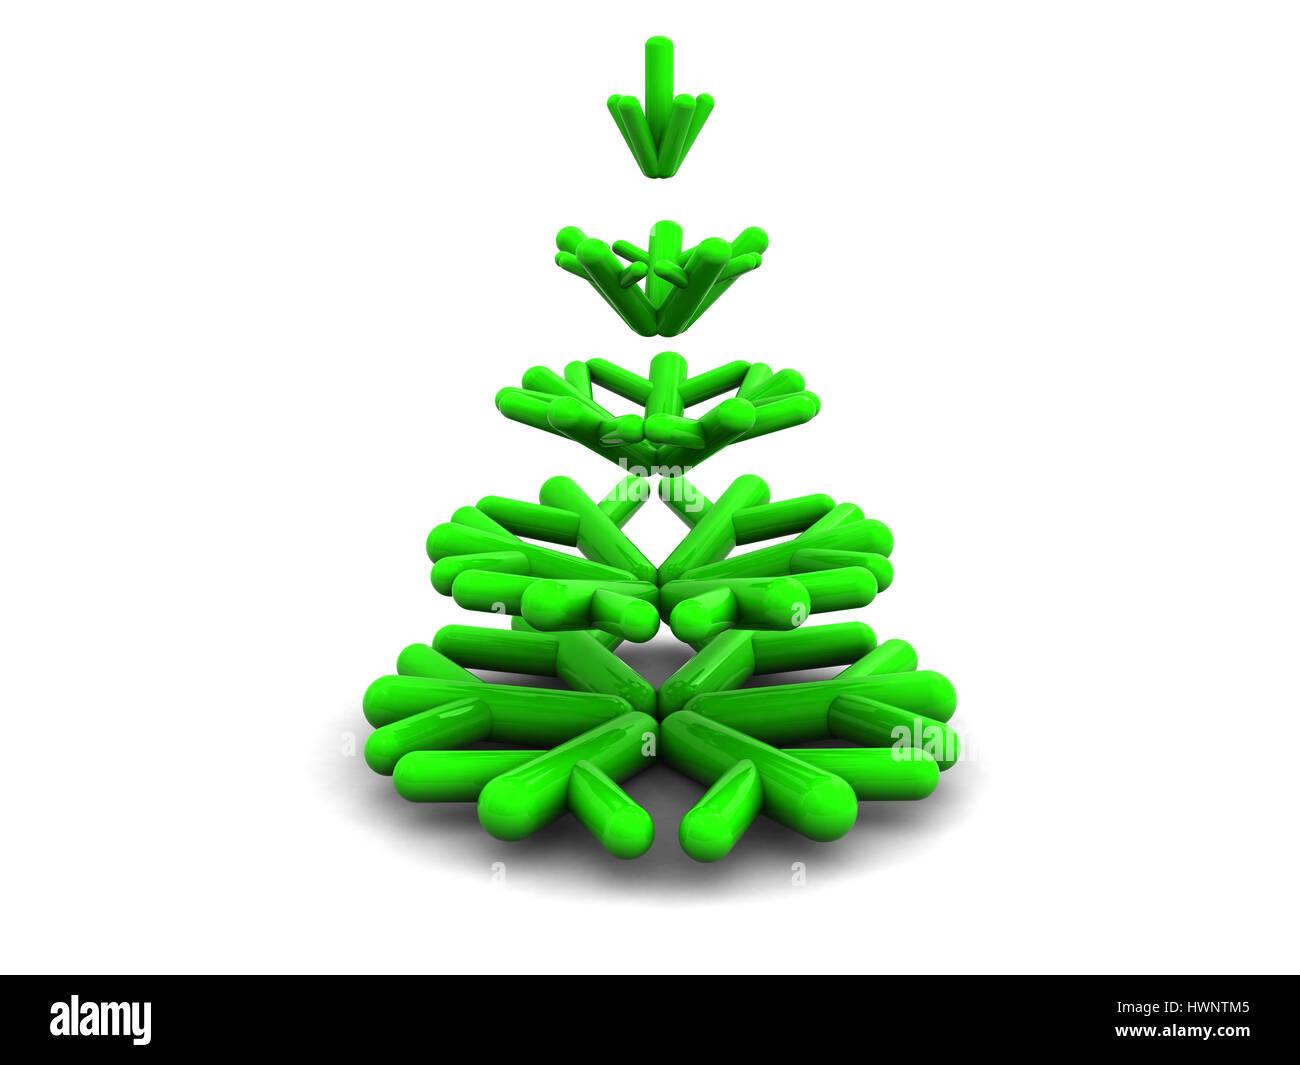 630ffaf87ac Ilustración 3d abstracto de estilizado árbol de Navidad sobre fondo blanco.  Imagen De Stock